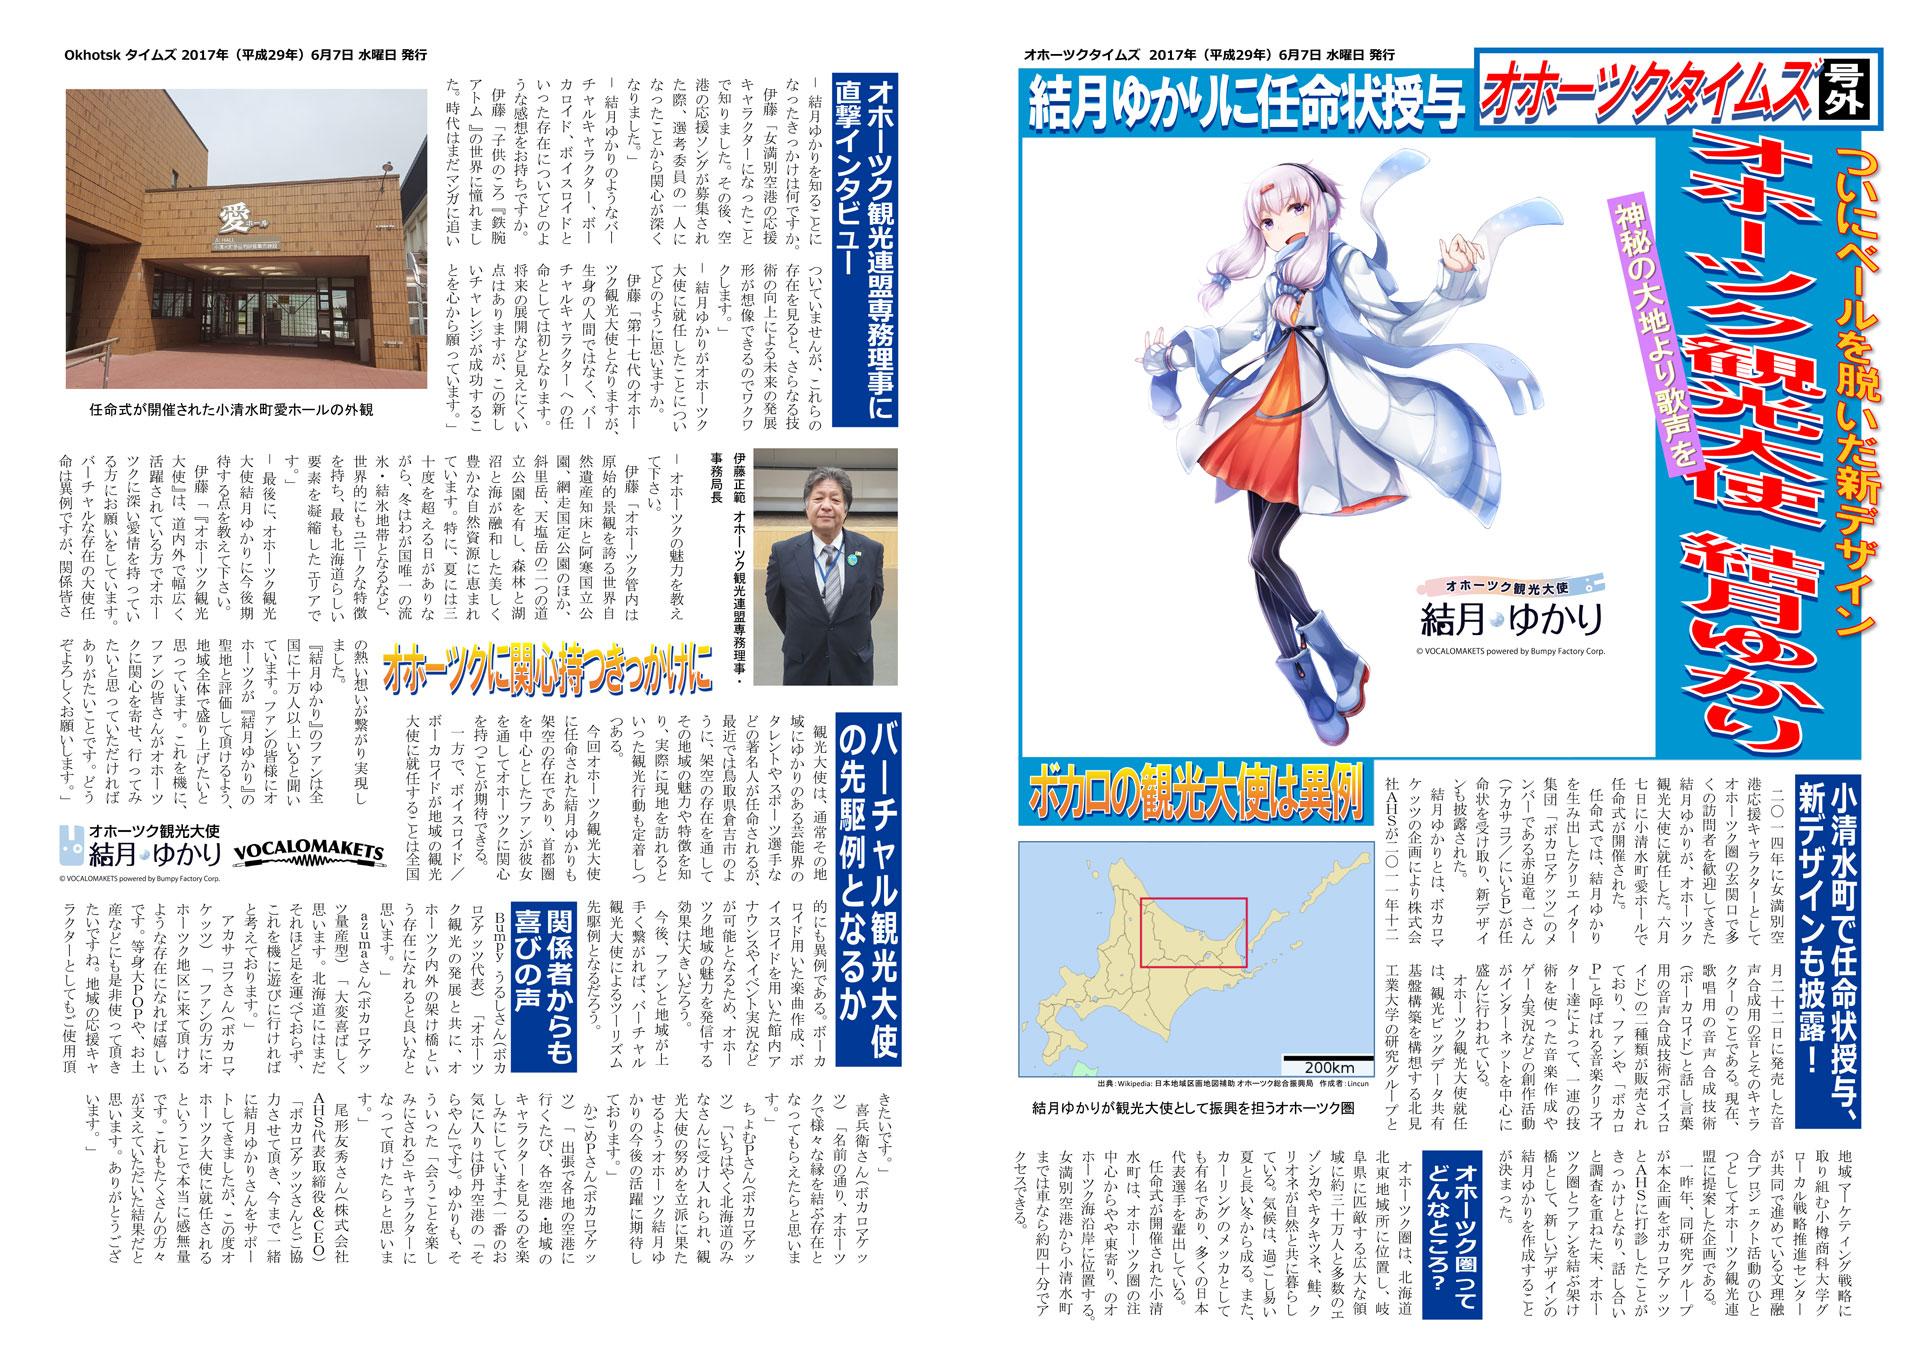 Yuzuki Yukari S New Key Visual As Quot Okhotsk S Ambassador Of